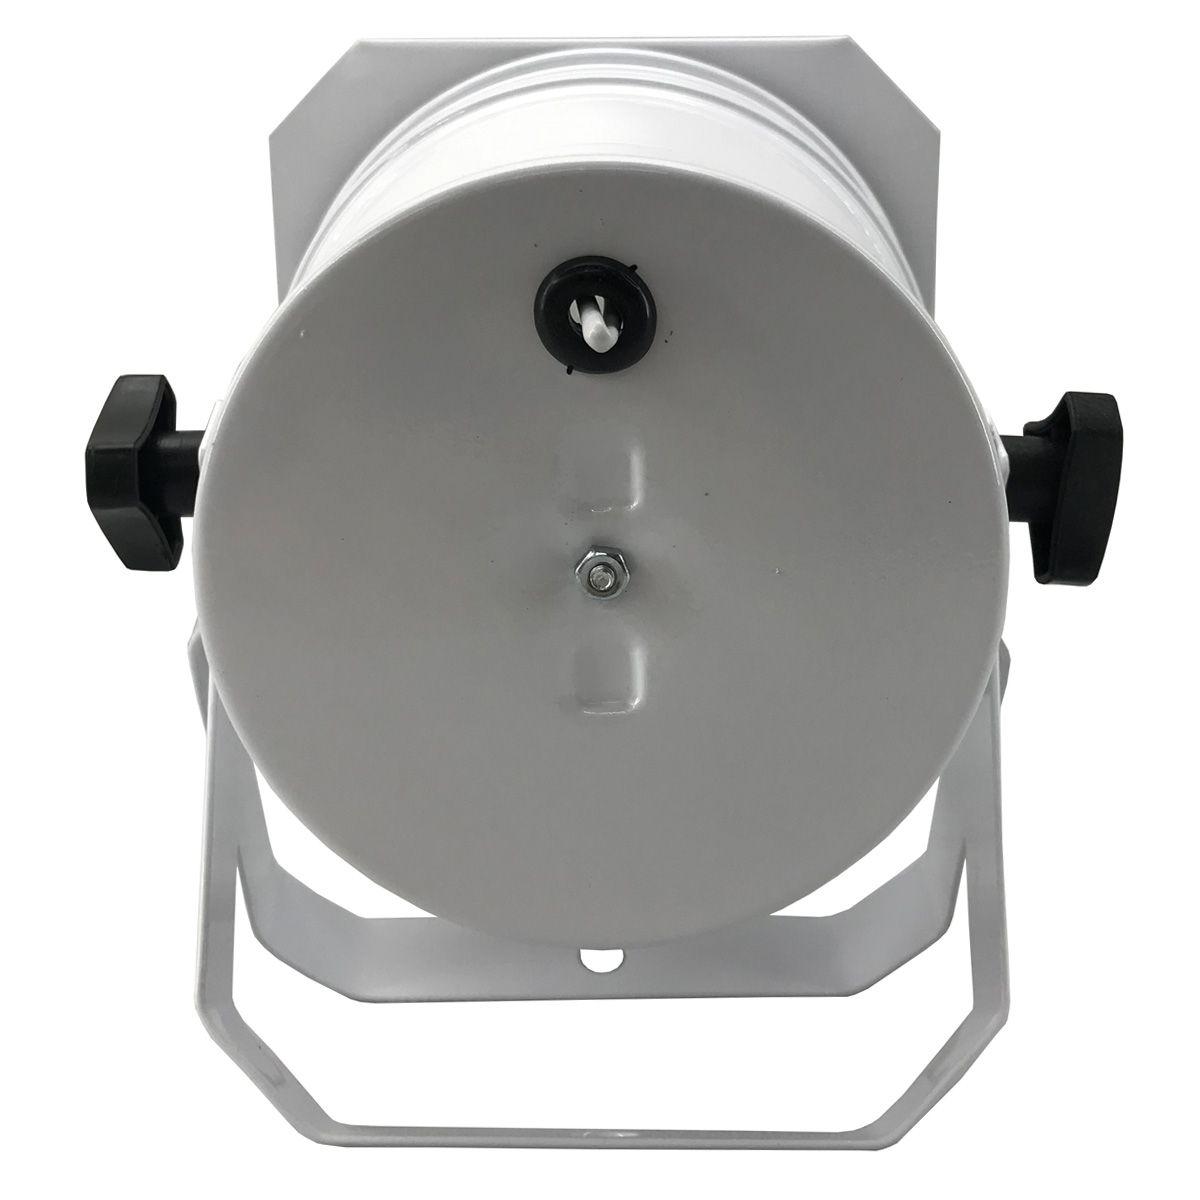 Kit 10 Unidades - Canhão Spot Par 38 Branco Alça Dupla - Volt  - RS Som e Luz!